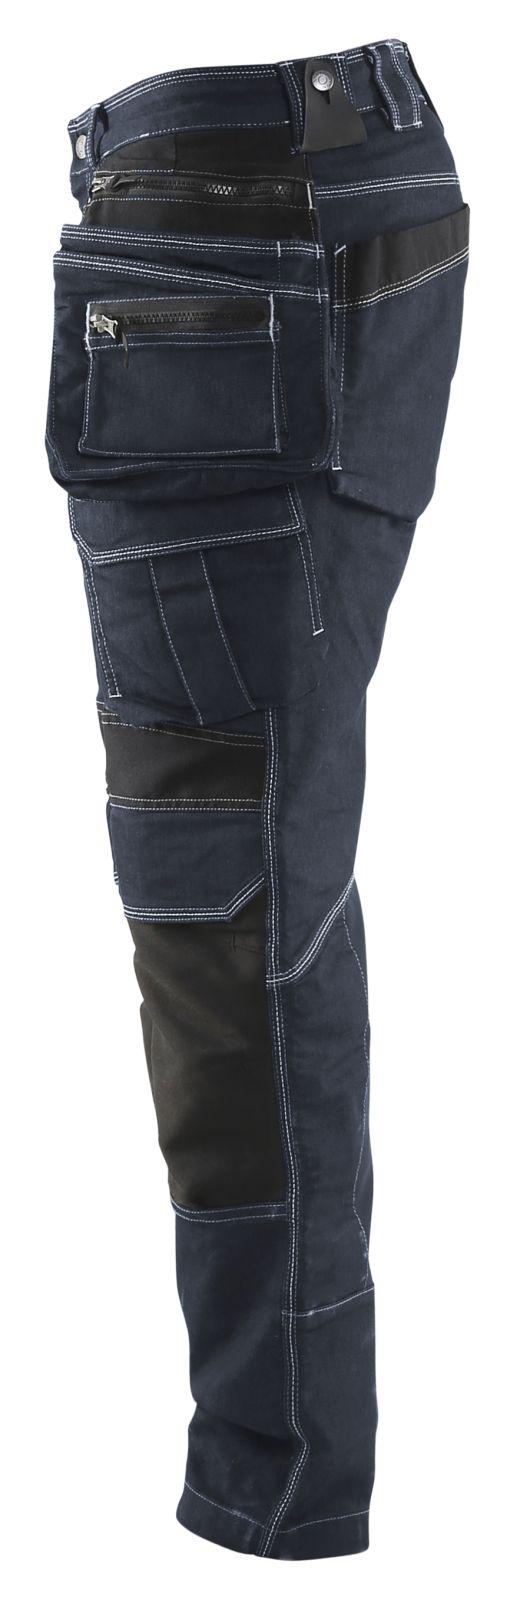 Blaklader Werkbroeken 19901141 met Stretch marineblauw-zwart(8999)